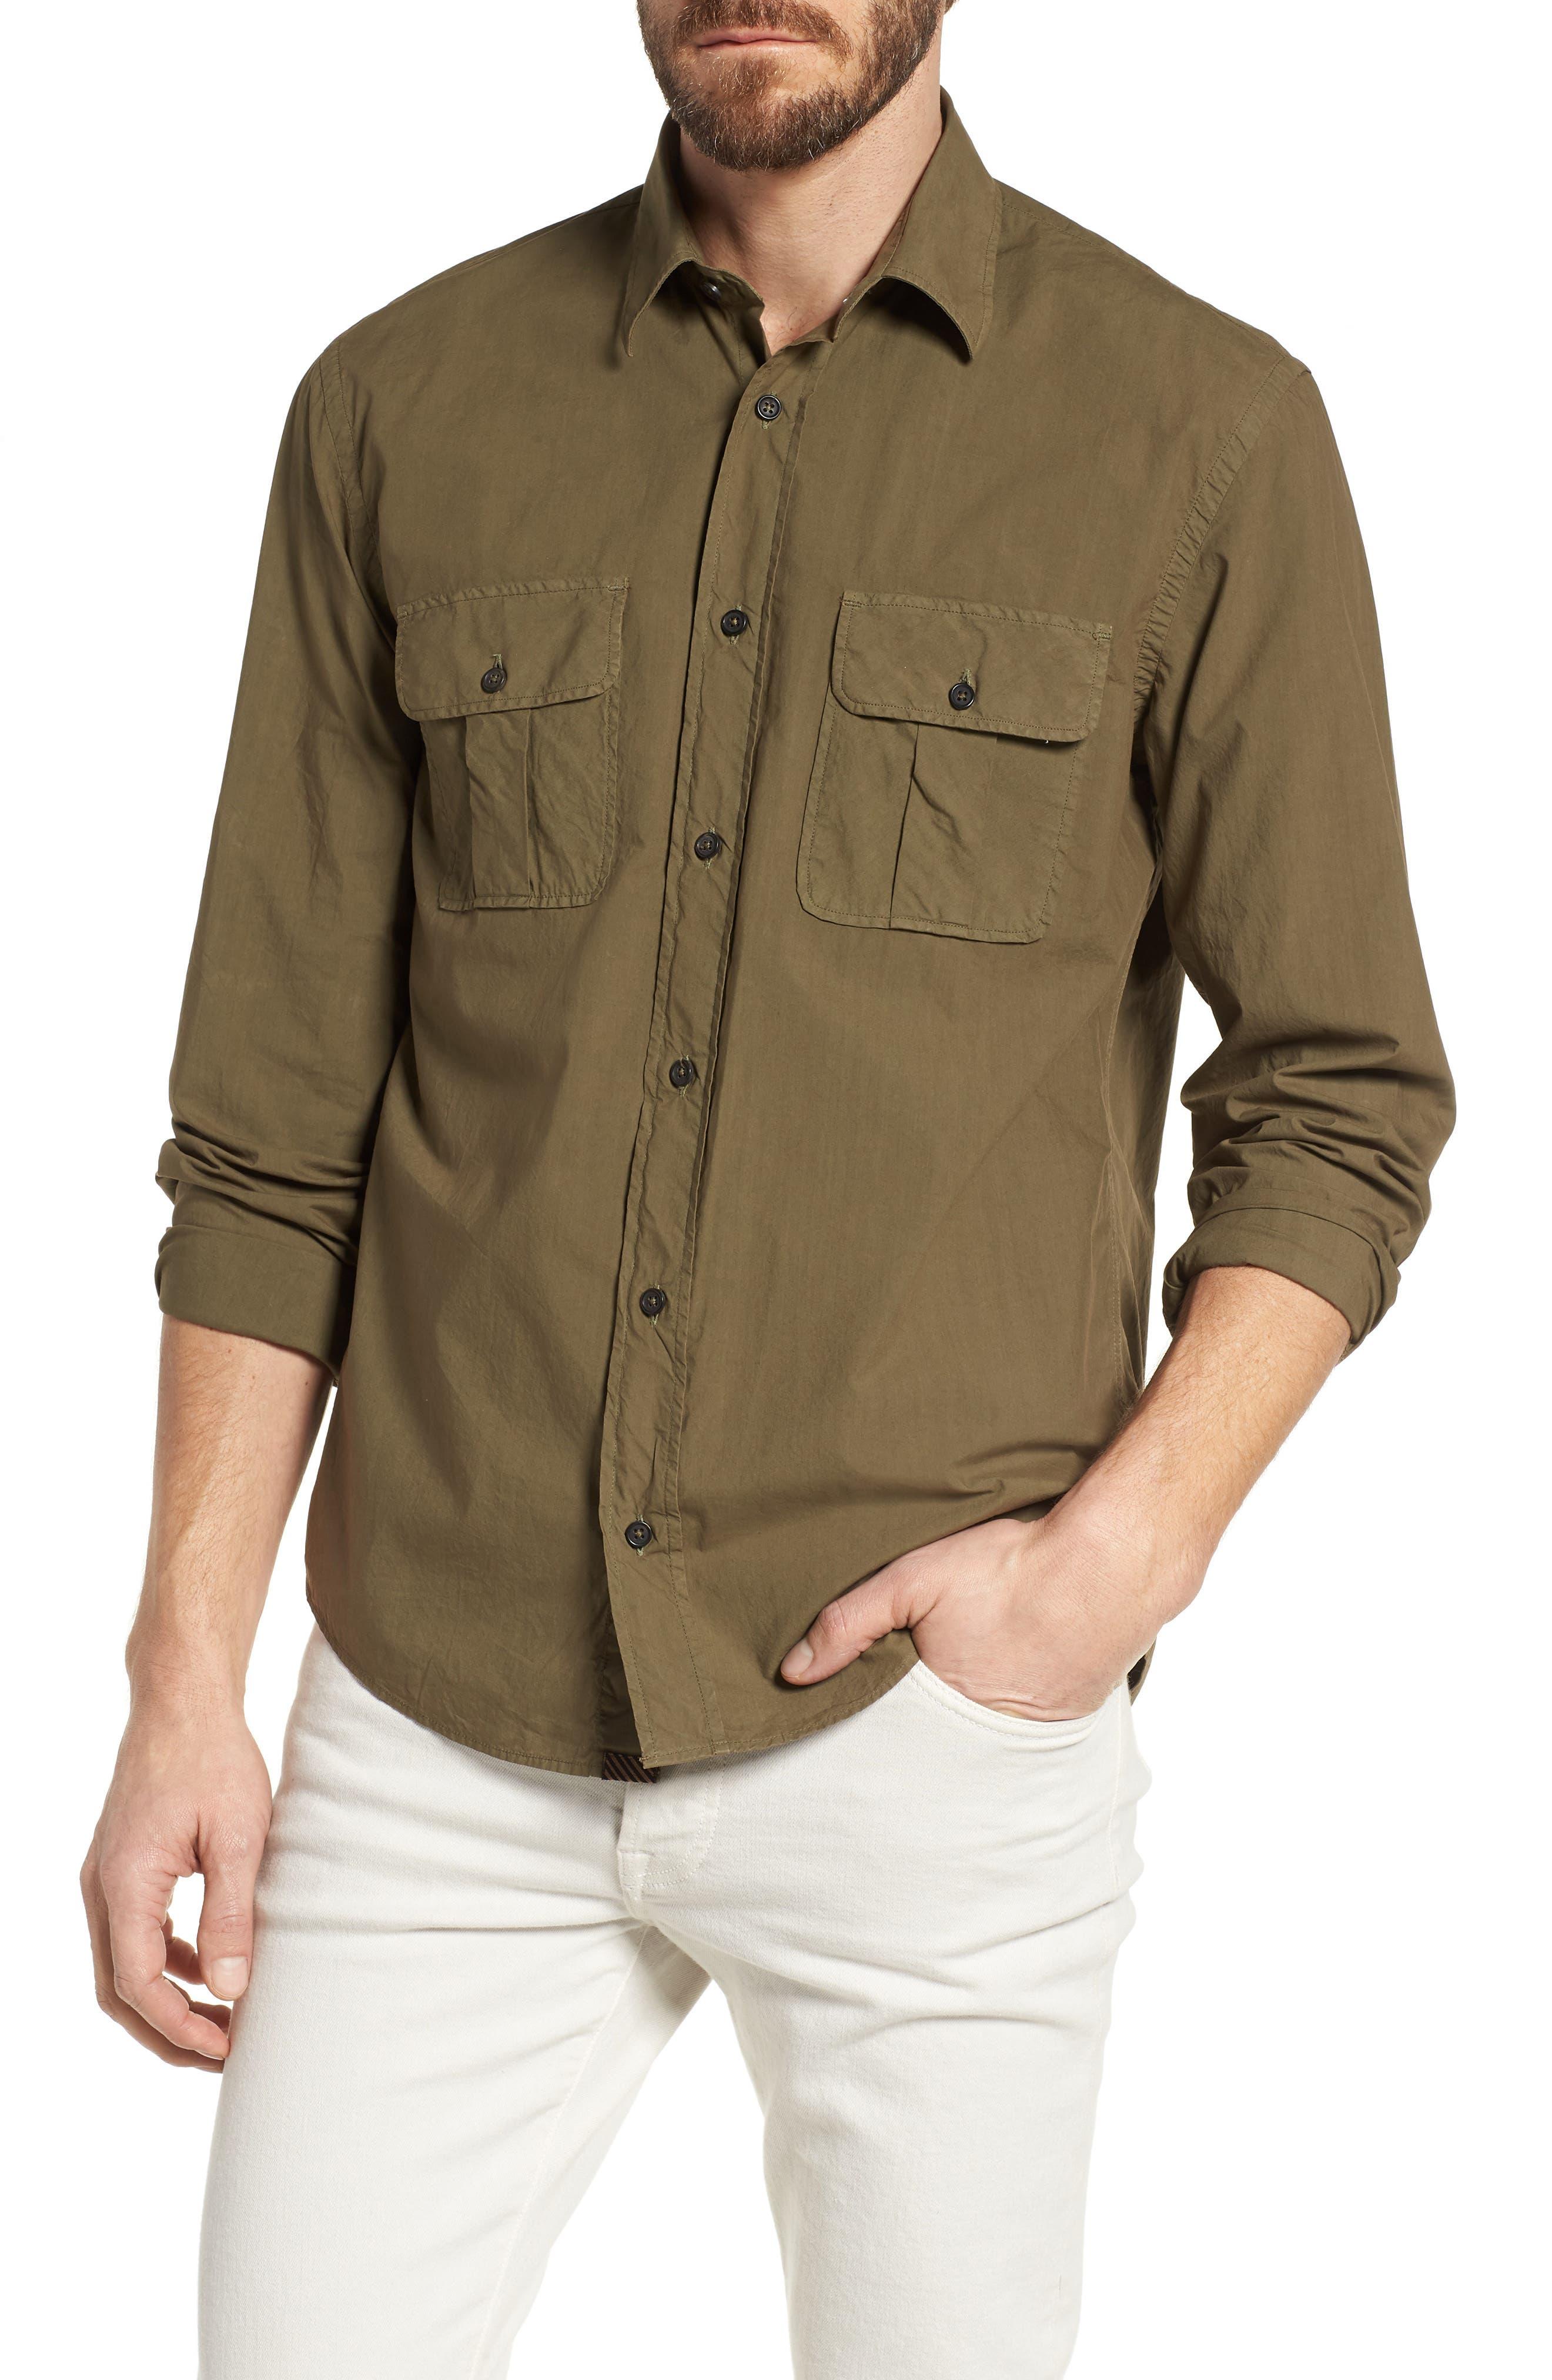 Alternate Image 1 Selected - Billy Reid Brantley Slim Fit Sport Shirt